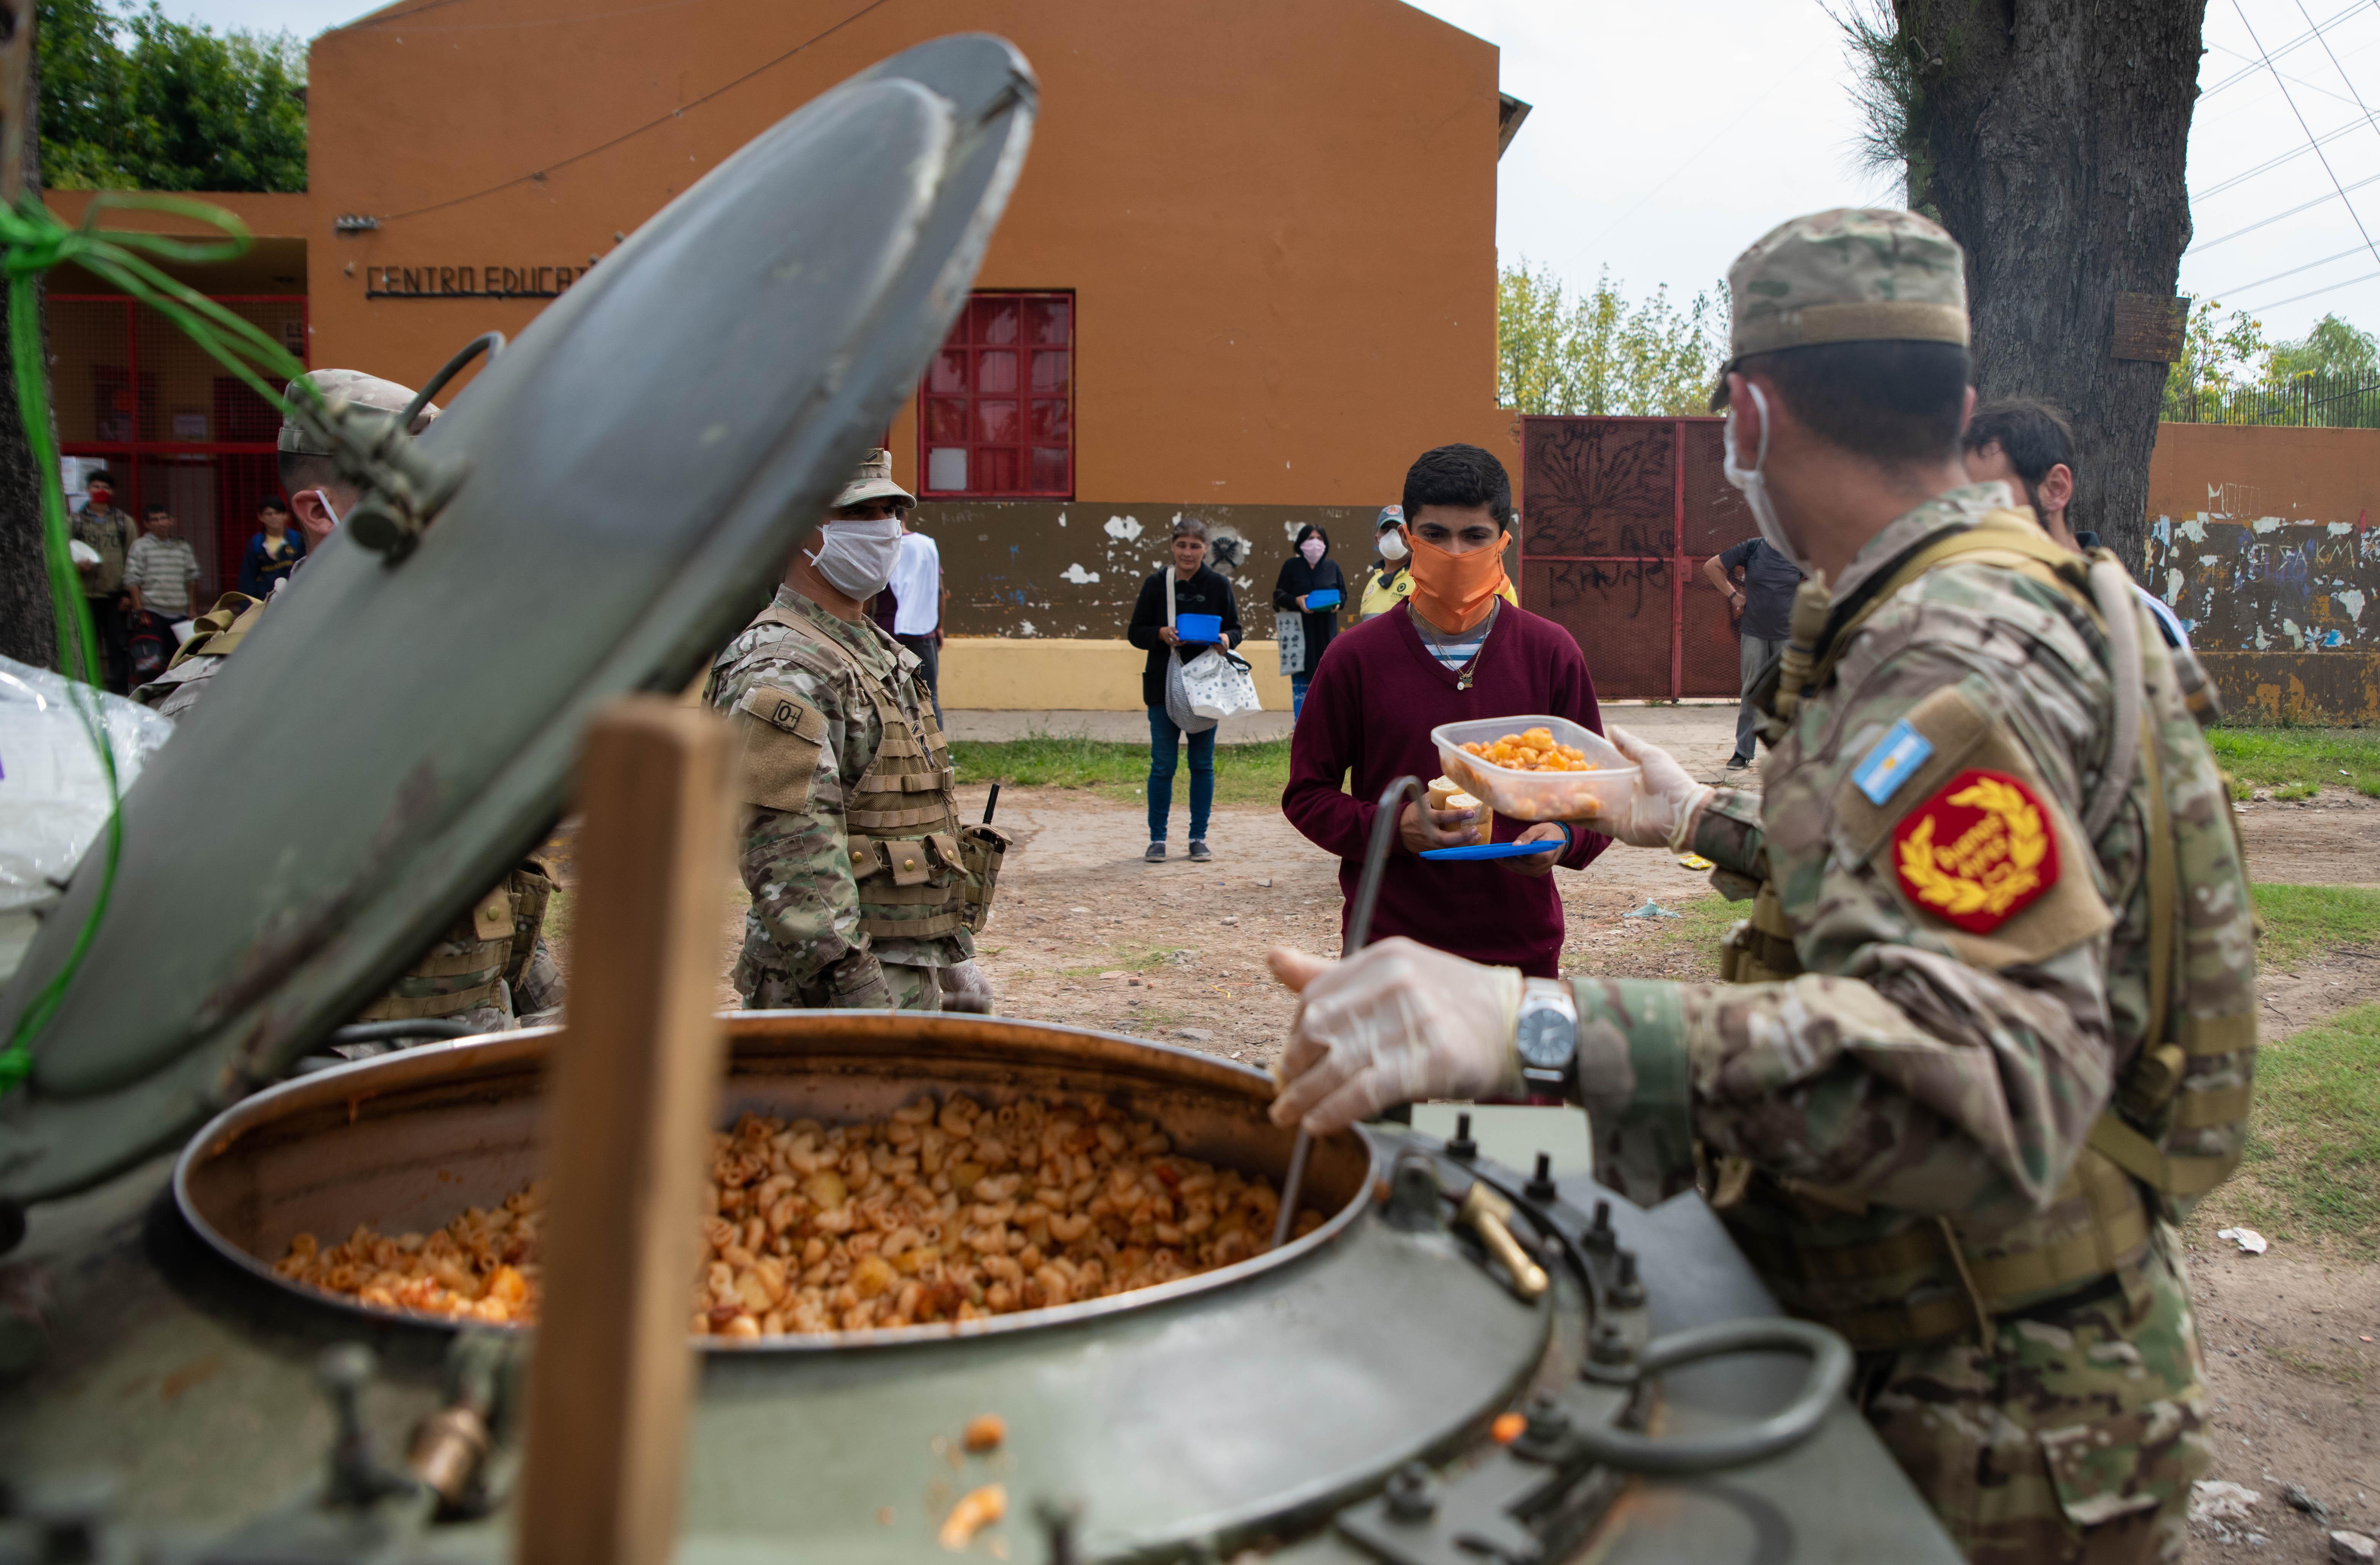 """El 25 de marzo, en una """"una operación de protección civil"""", como la denominaron, tres regimientos históricos del Ejército Argentino se encargaron de entregar alimentos en barrios populares de Quilmes, como harían en La Matanza y en provincias como Chaco. En total, las FF.AA. organizaron 14 Comandos Conjuntos para zonas de emergencia de todo el país. Al mando, en este caso, estuvo el coronel Alejandro Liberatori."""